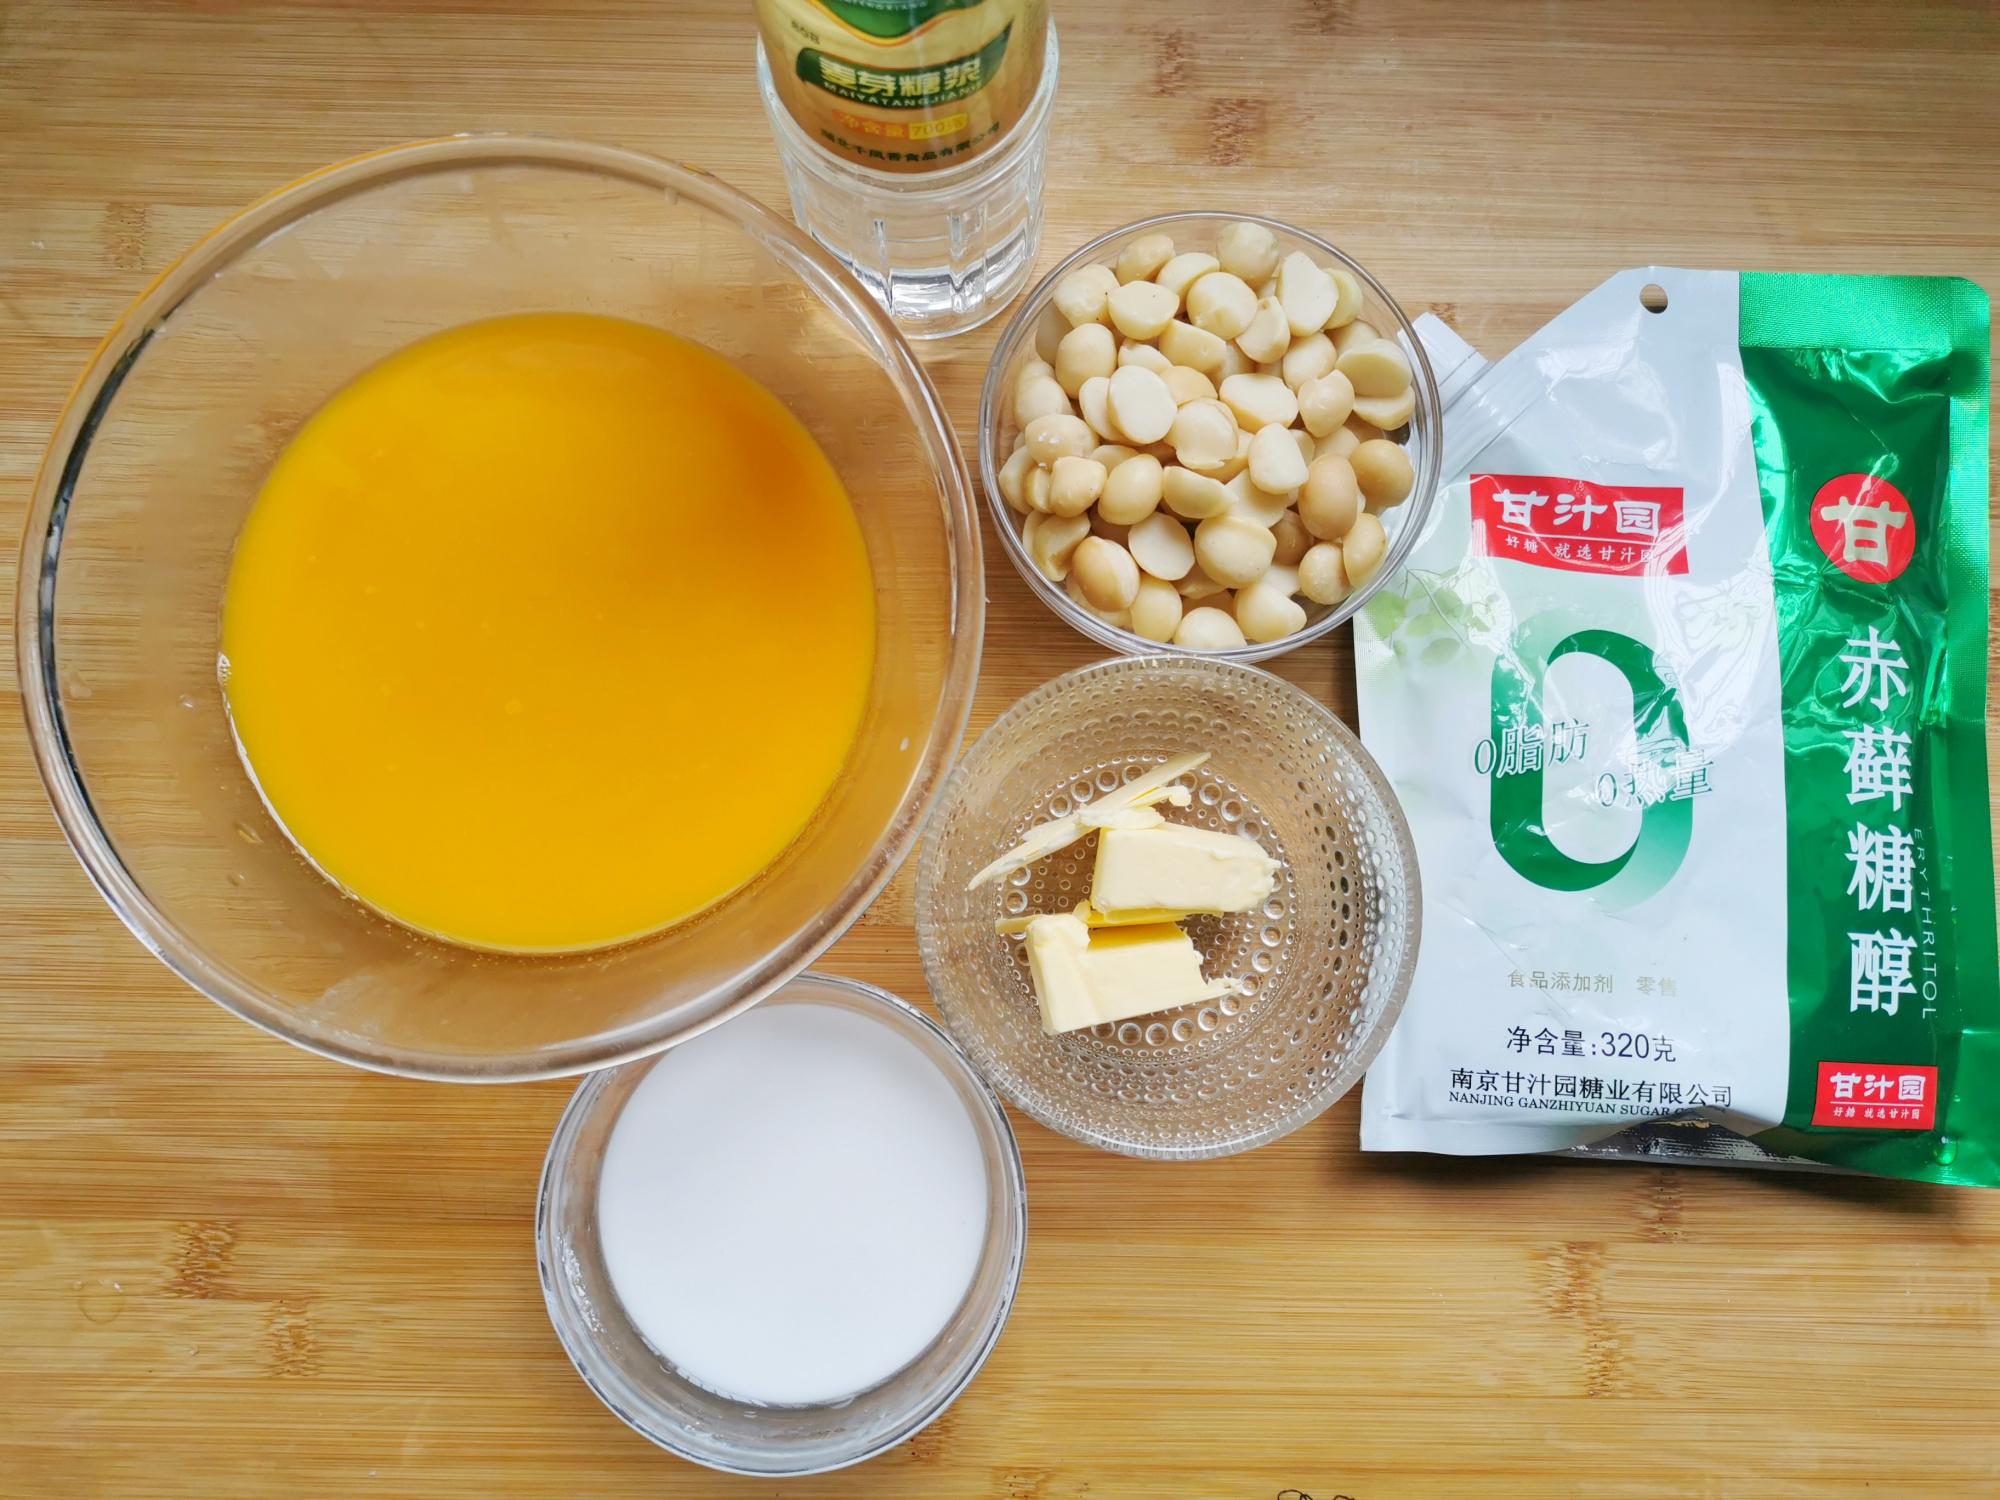 百香果別泡水喝了,做成軟糖香甜Q彈,不添加果膠,不需要熬糖漿